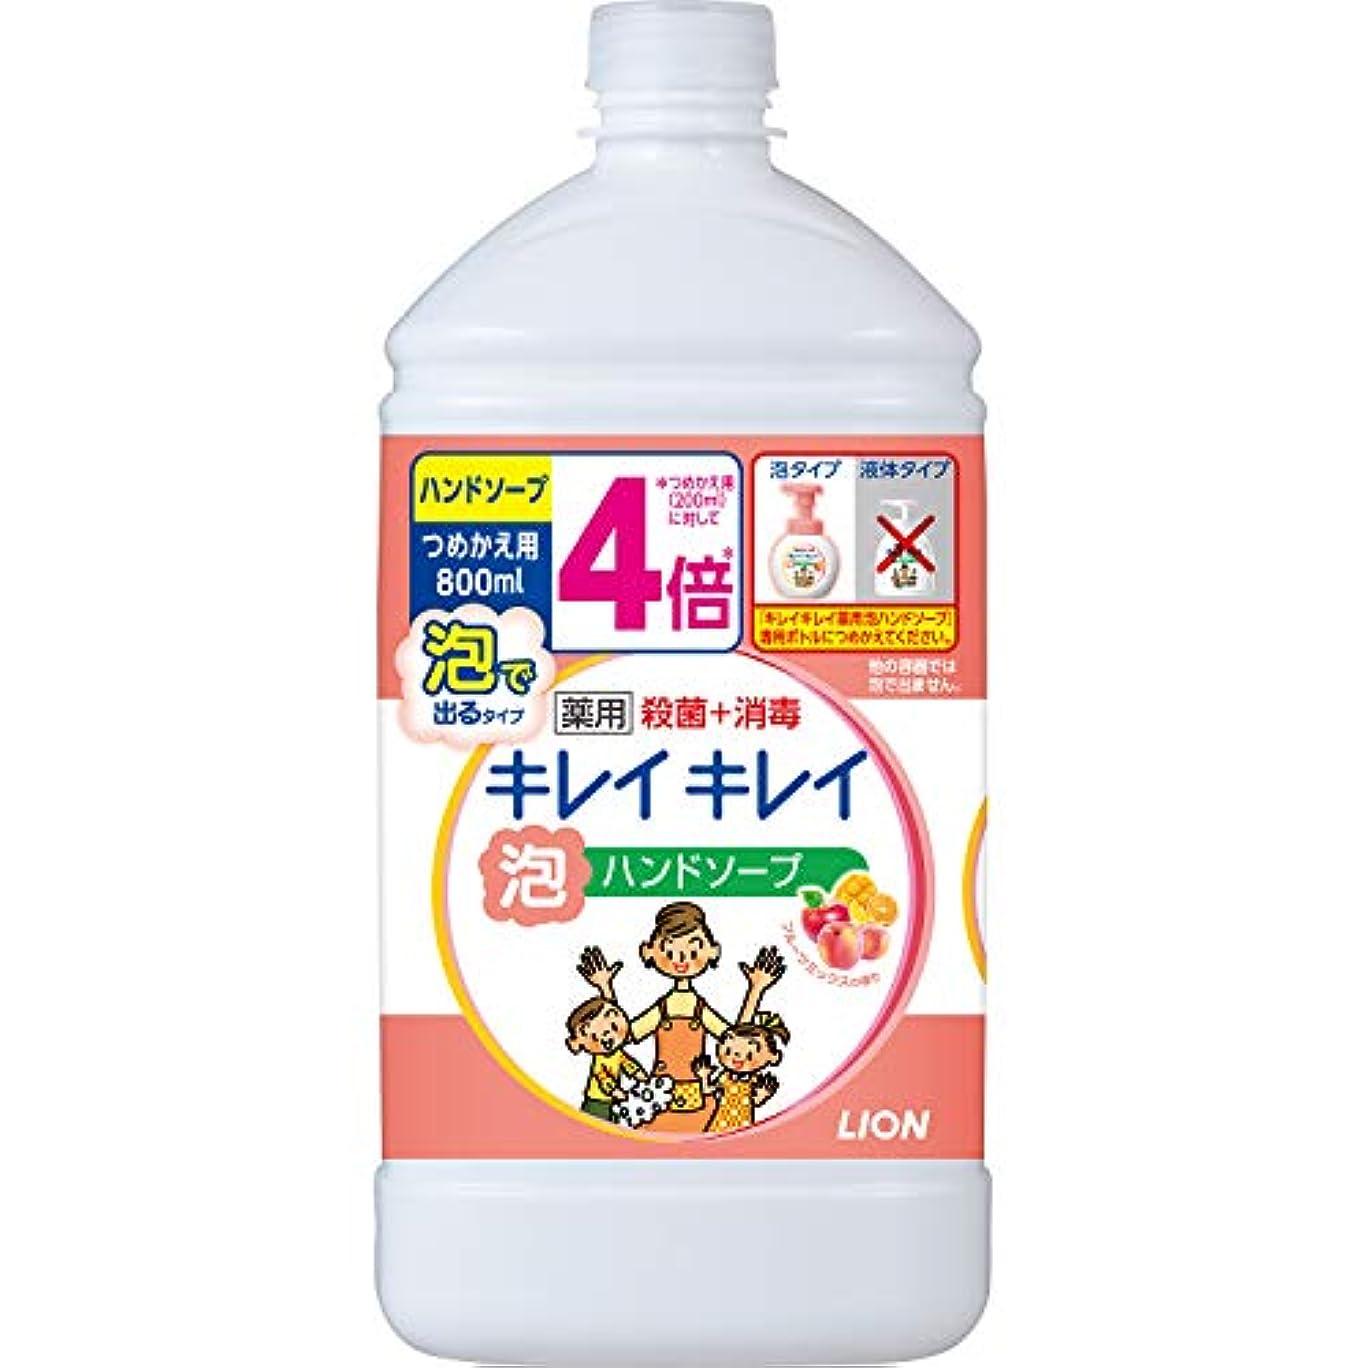 コンセンサスによるとピストン(医薬部外品)【大容量】キレイキレイ 薬用 泡ハンドソープ フルーツミックスの香り 詰替特大 800ml